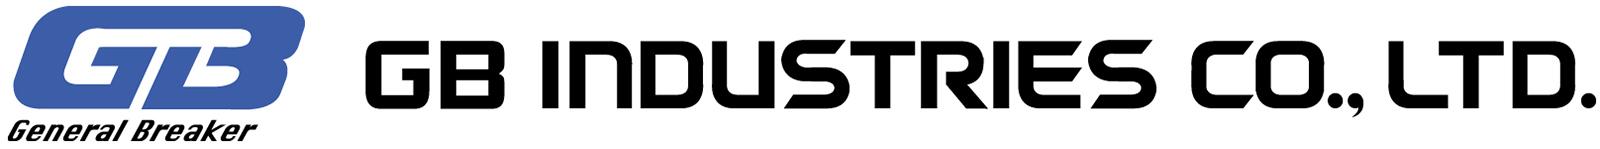 http://million-base.com/wp-content/uploads/2015/04/12-General-Breaker-Logo.jpg